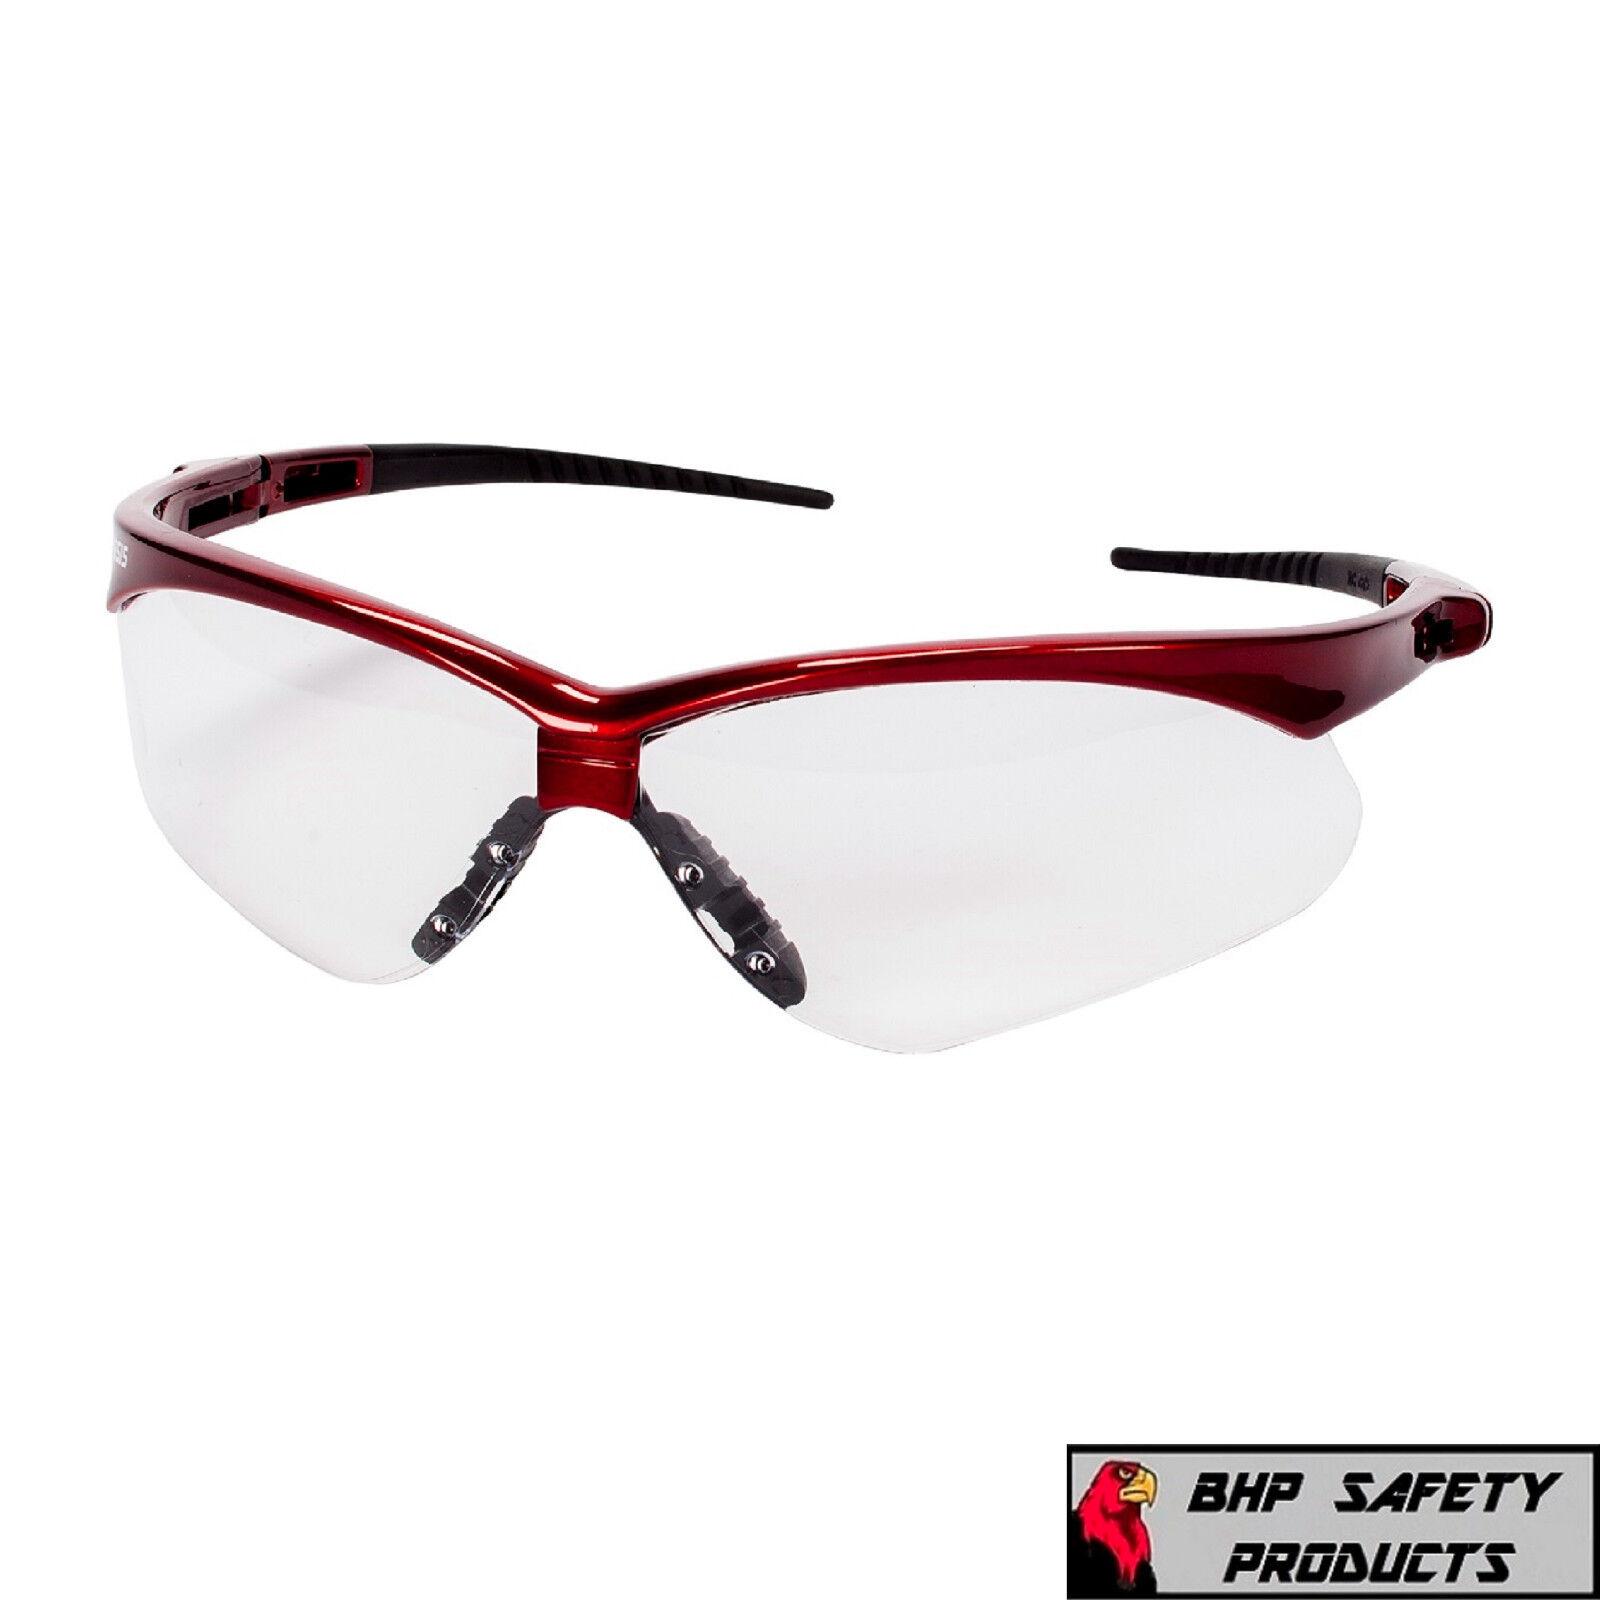 JACKSON NEMESIS SAFETY GLASSES SUNGLASSES SPORT WORK EYEWEAR ANSI Z87 COMPLIANT 47378- Red Frame/Clear AF Lens